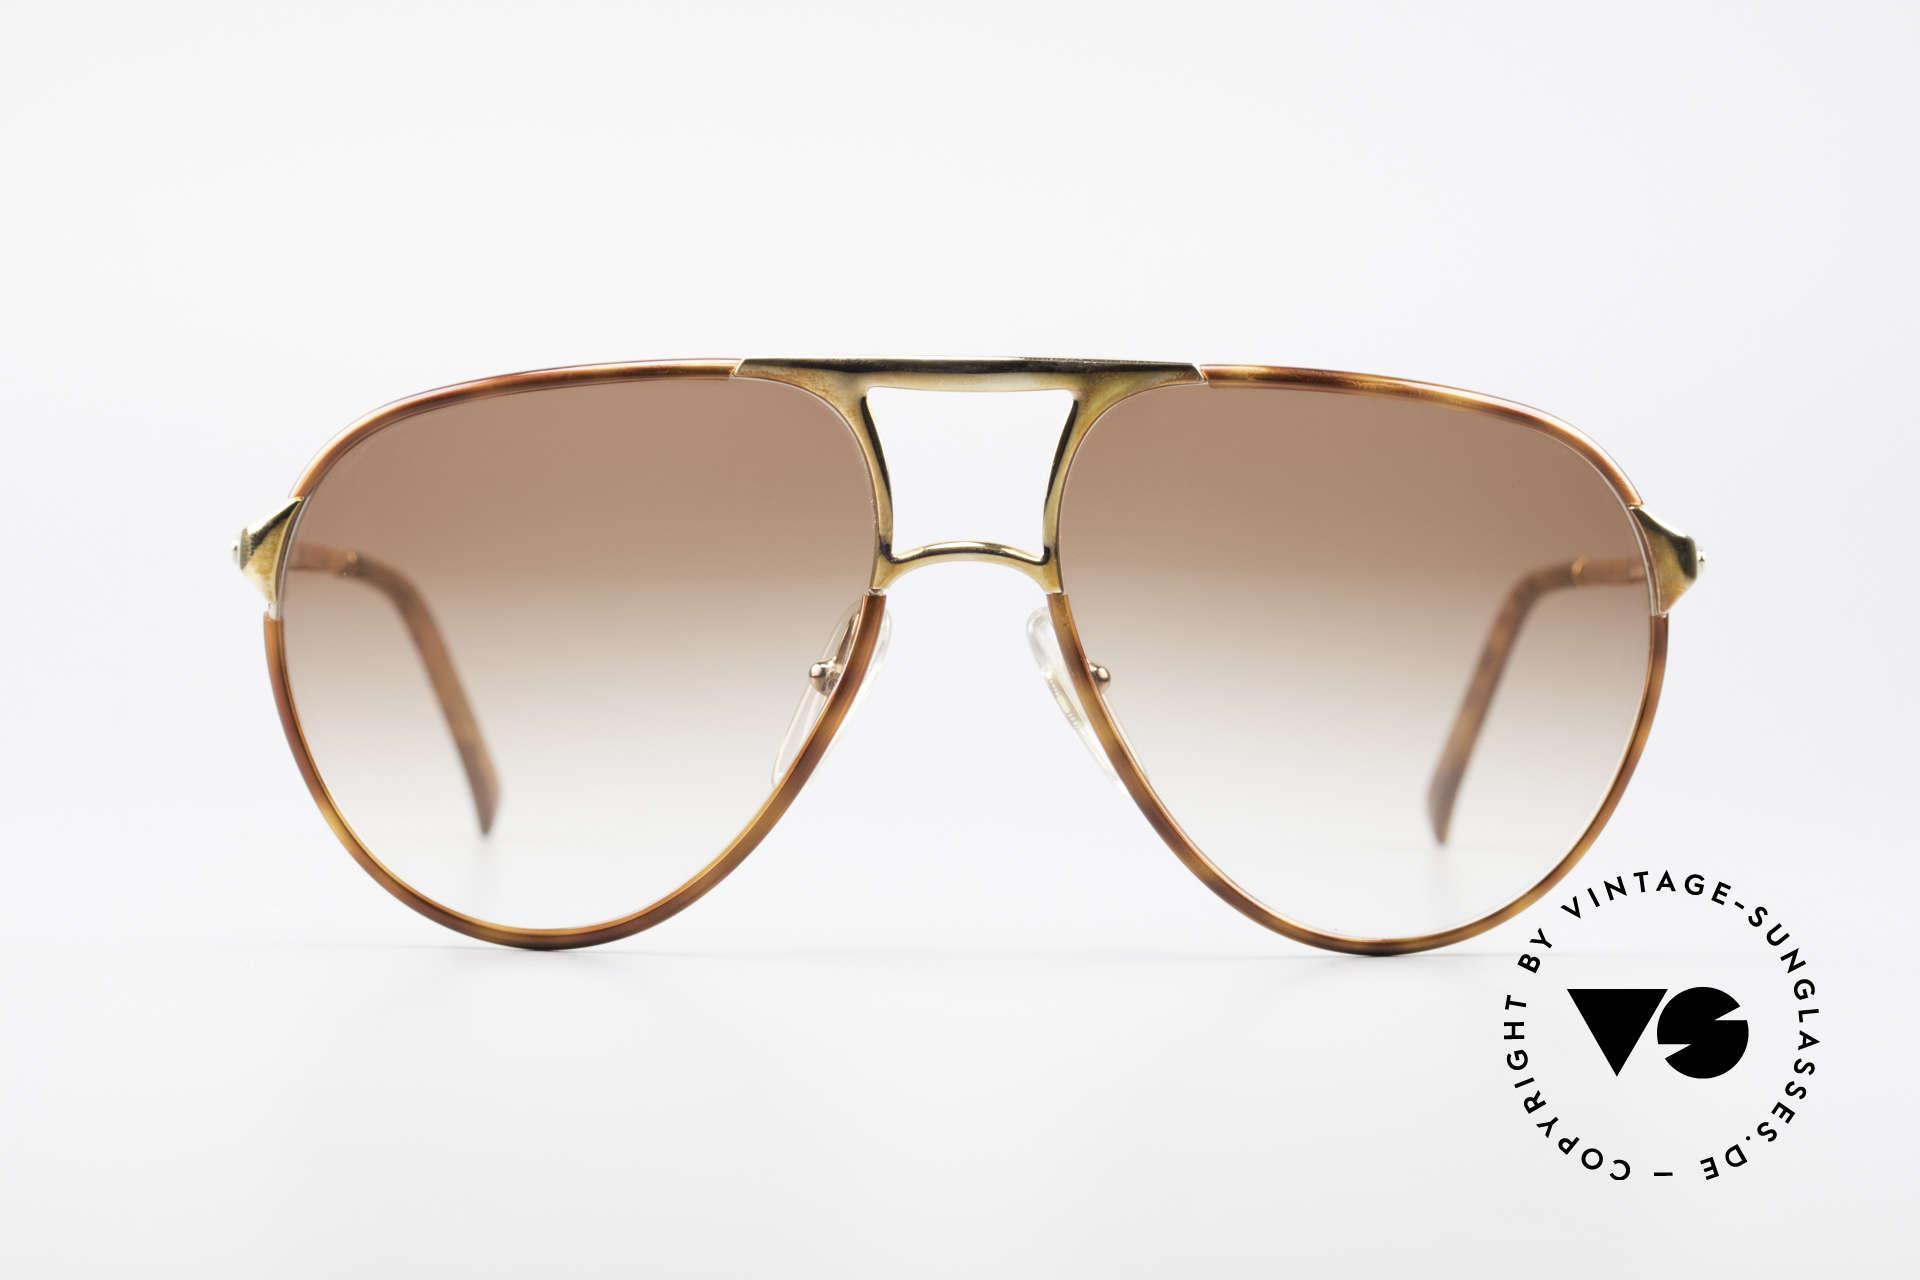 5a8790ad616 Sunglasses Christian Dior 2505 Designer Aviator Sunglasses